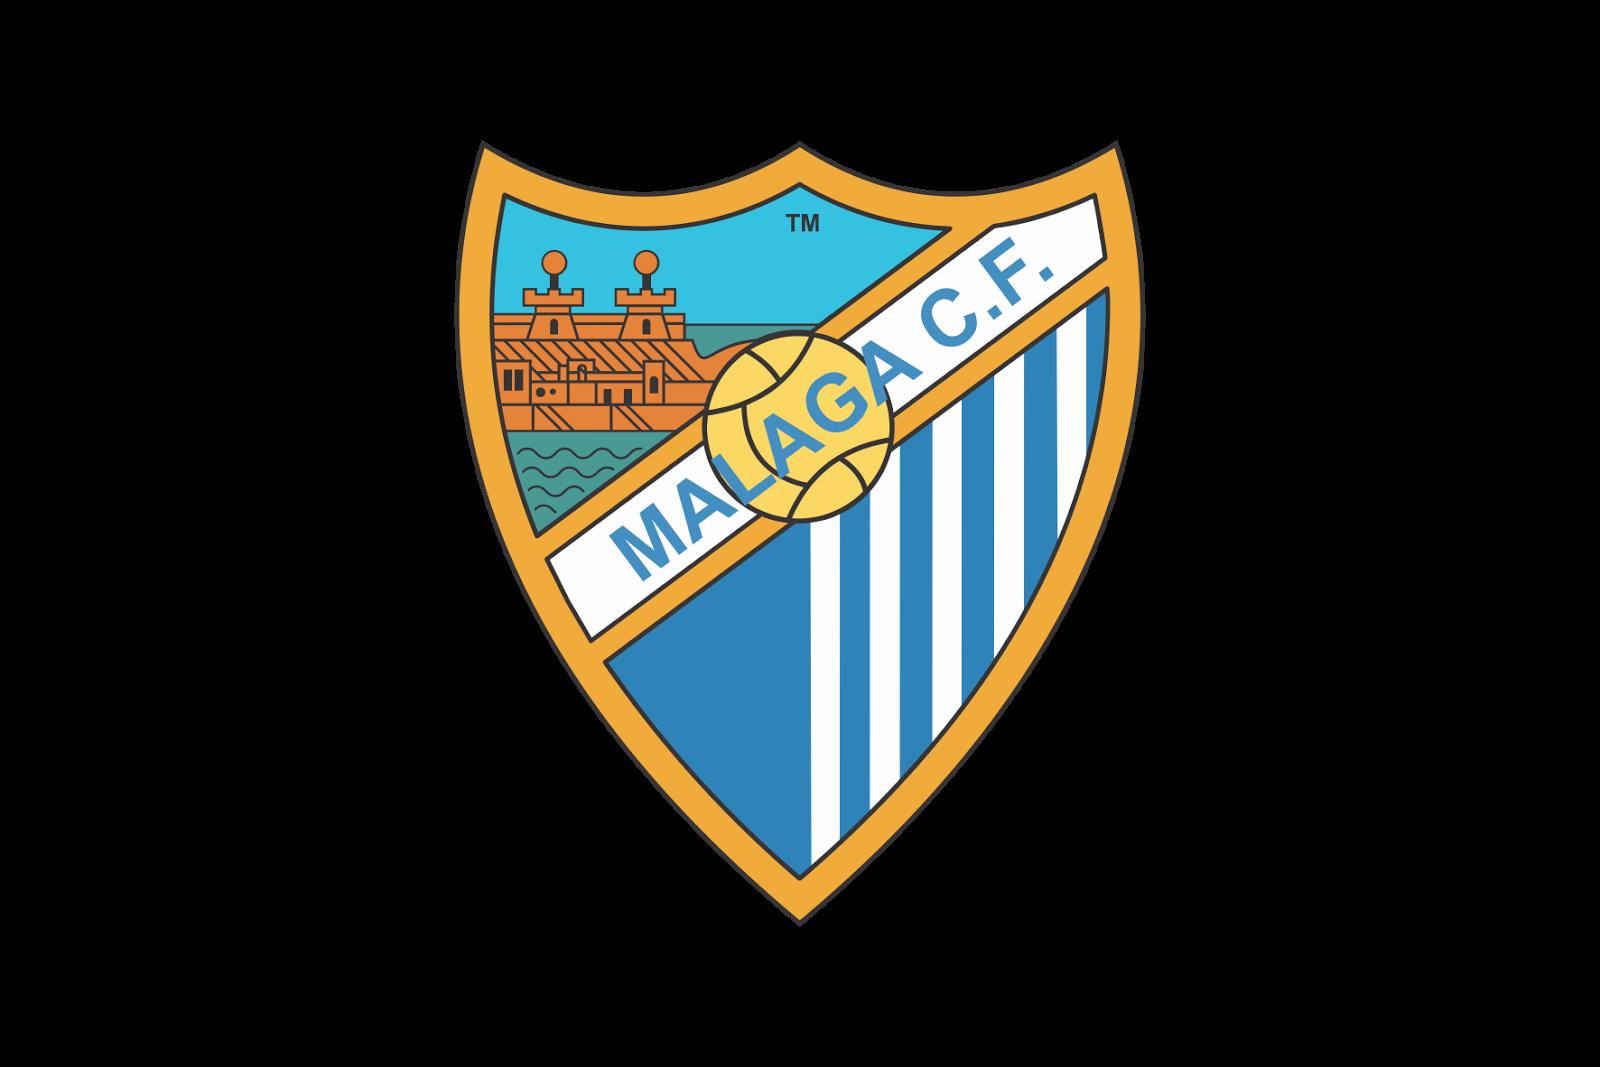 Cf Malaga